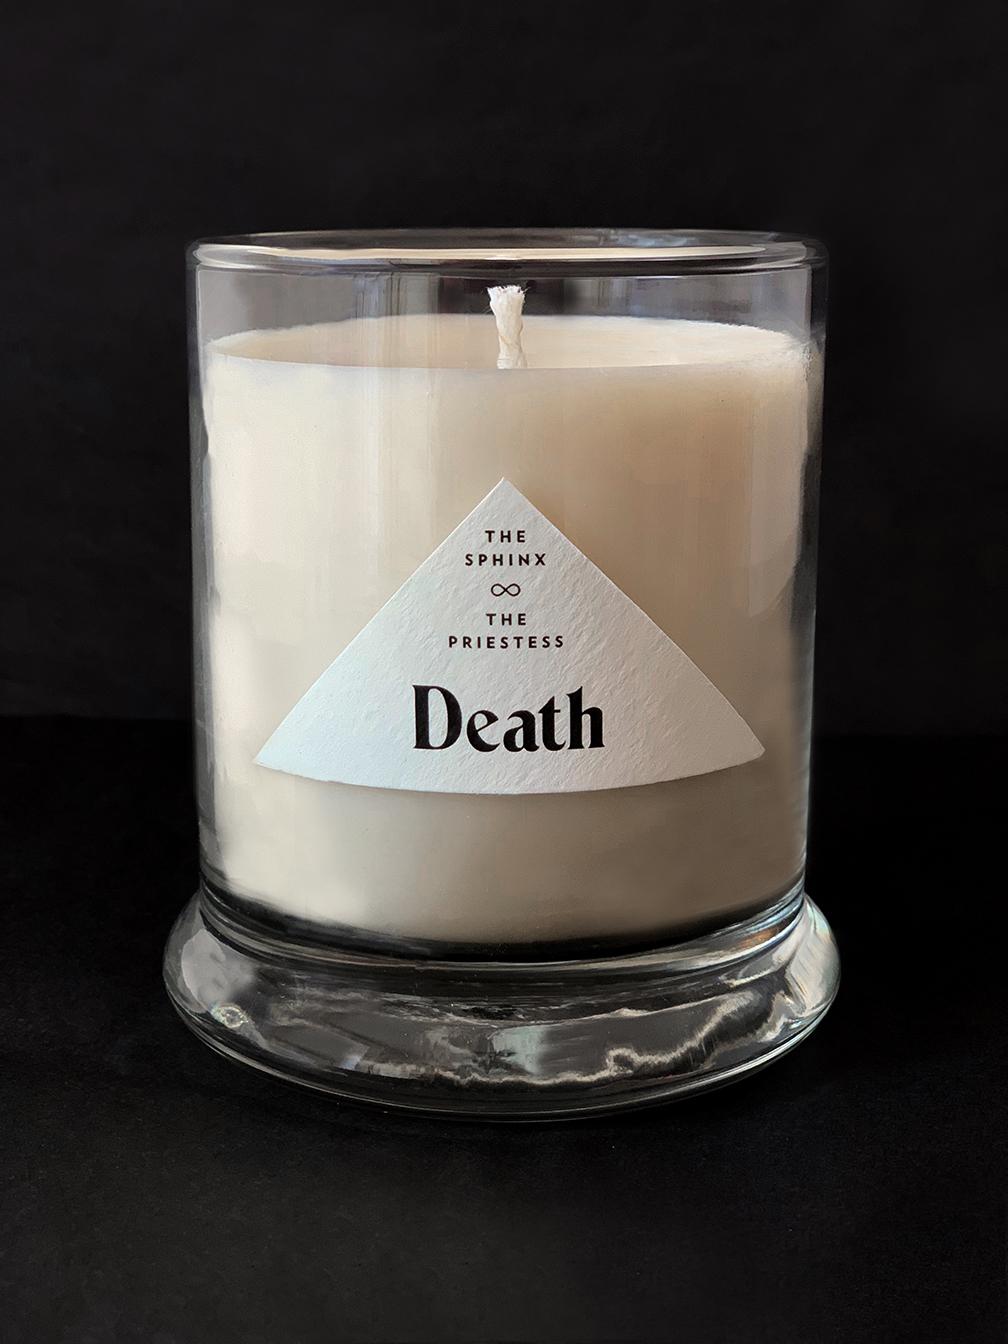 Death - Here is a description of your product. Adipiscing elit. Donec odio. Quisque volutpat mattis eros. Nullam malesuada erat ut turpis.